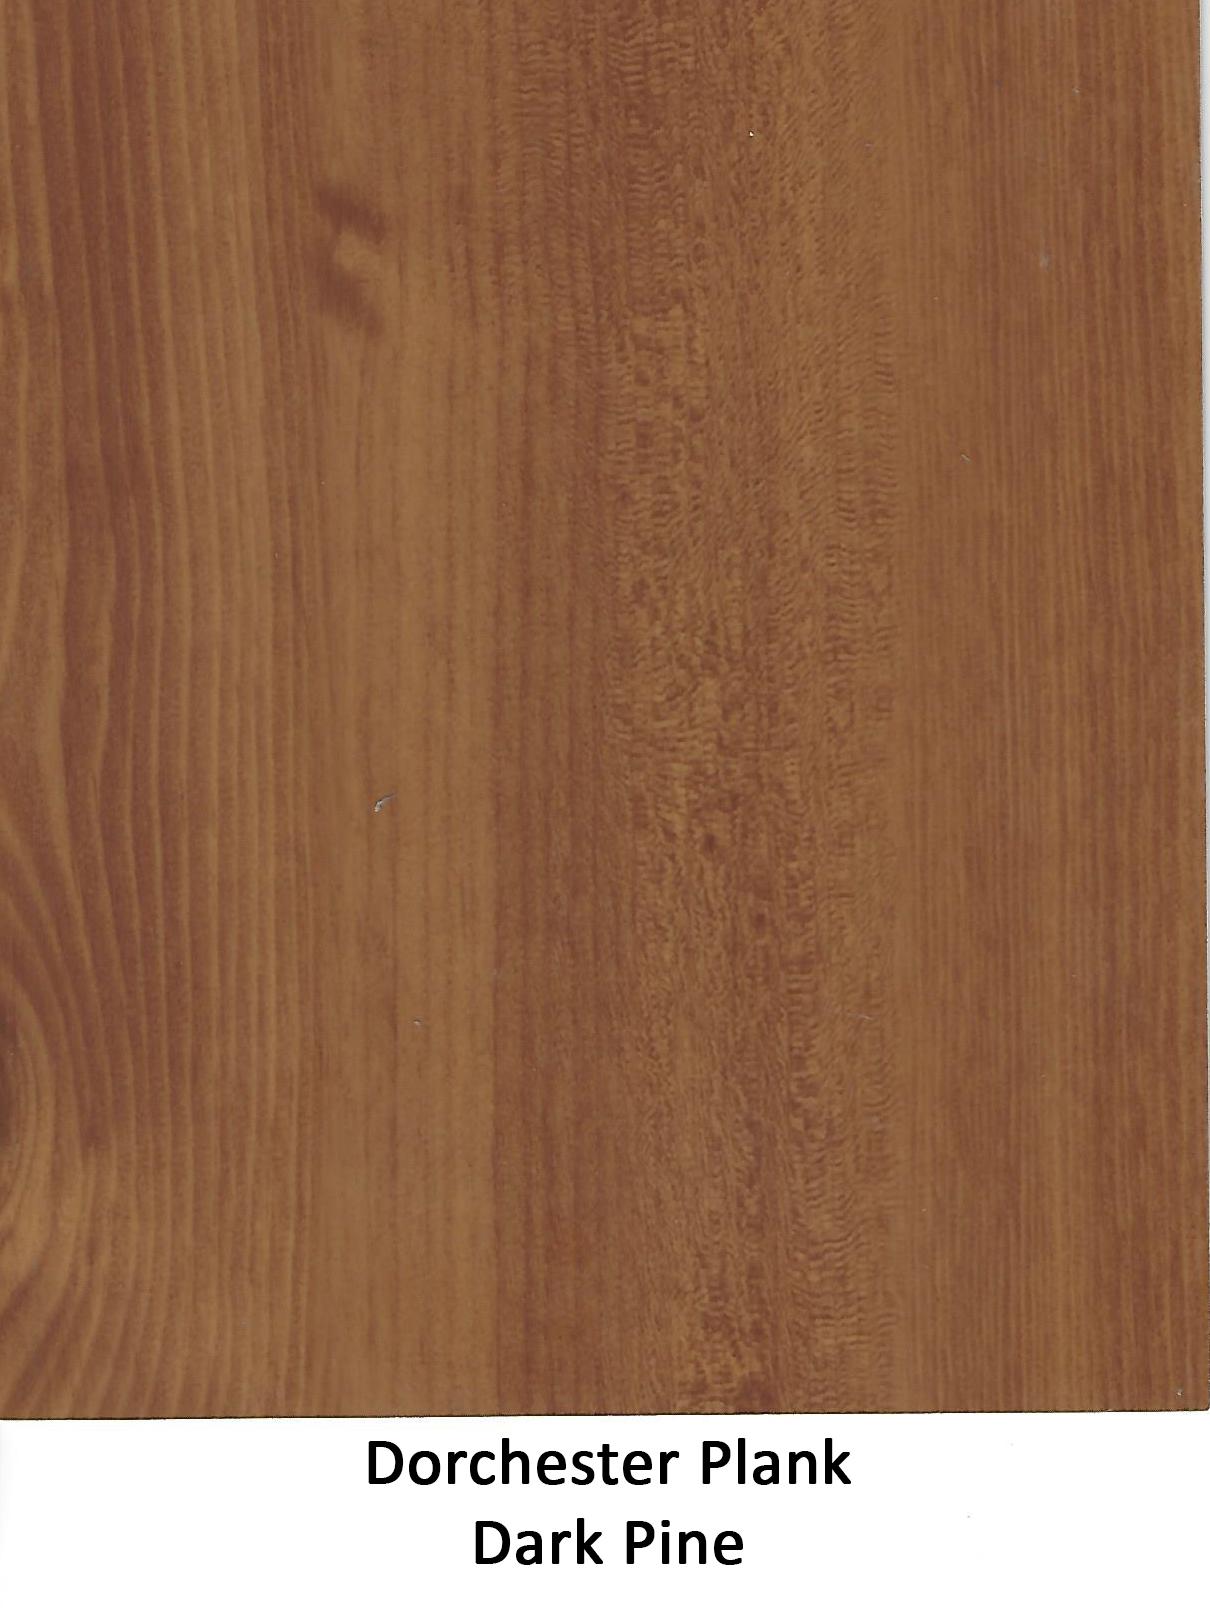 Dorchester-Plank---Dark-Pine.png